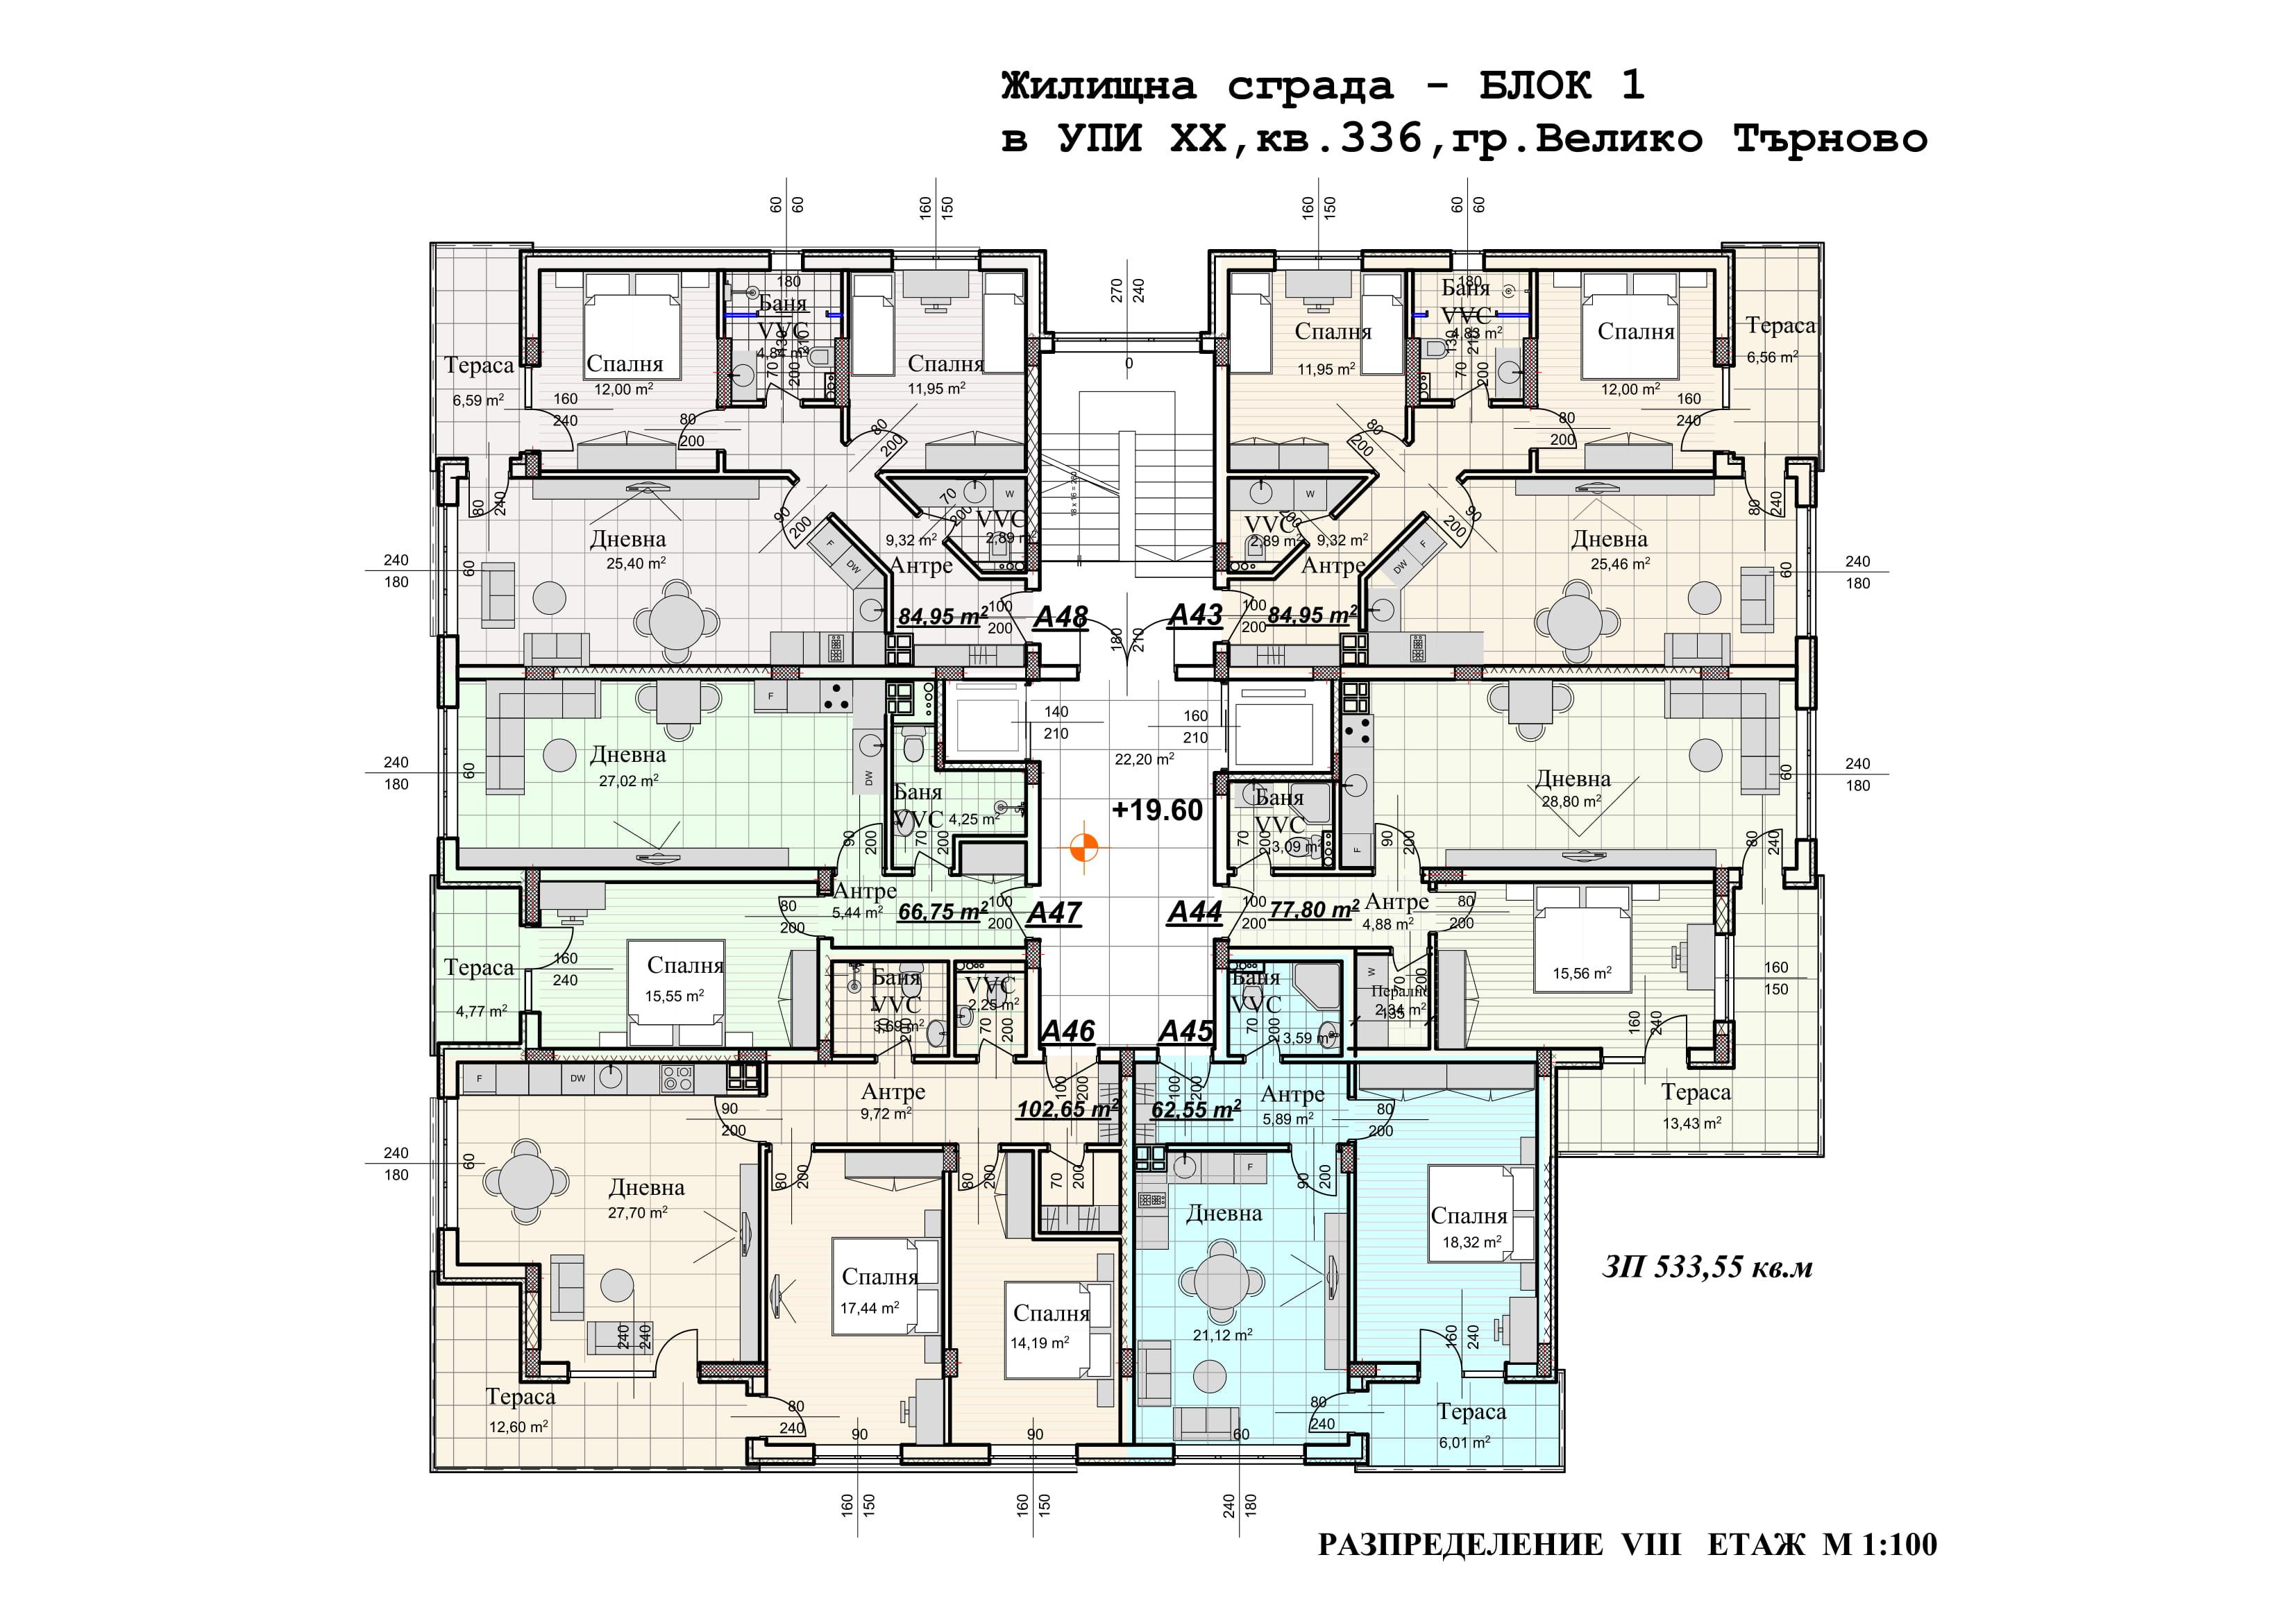 Болярски Дом Етаж VIII.jpg